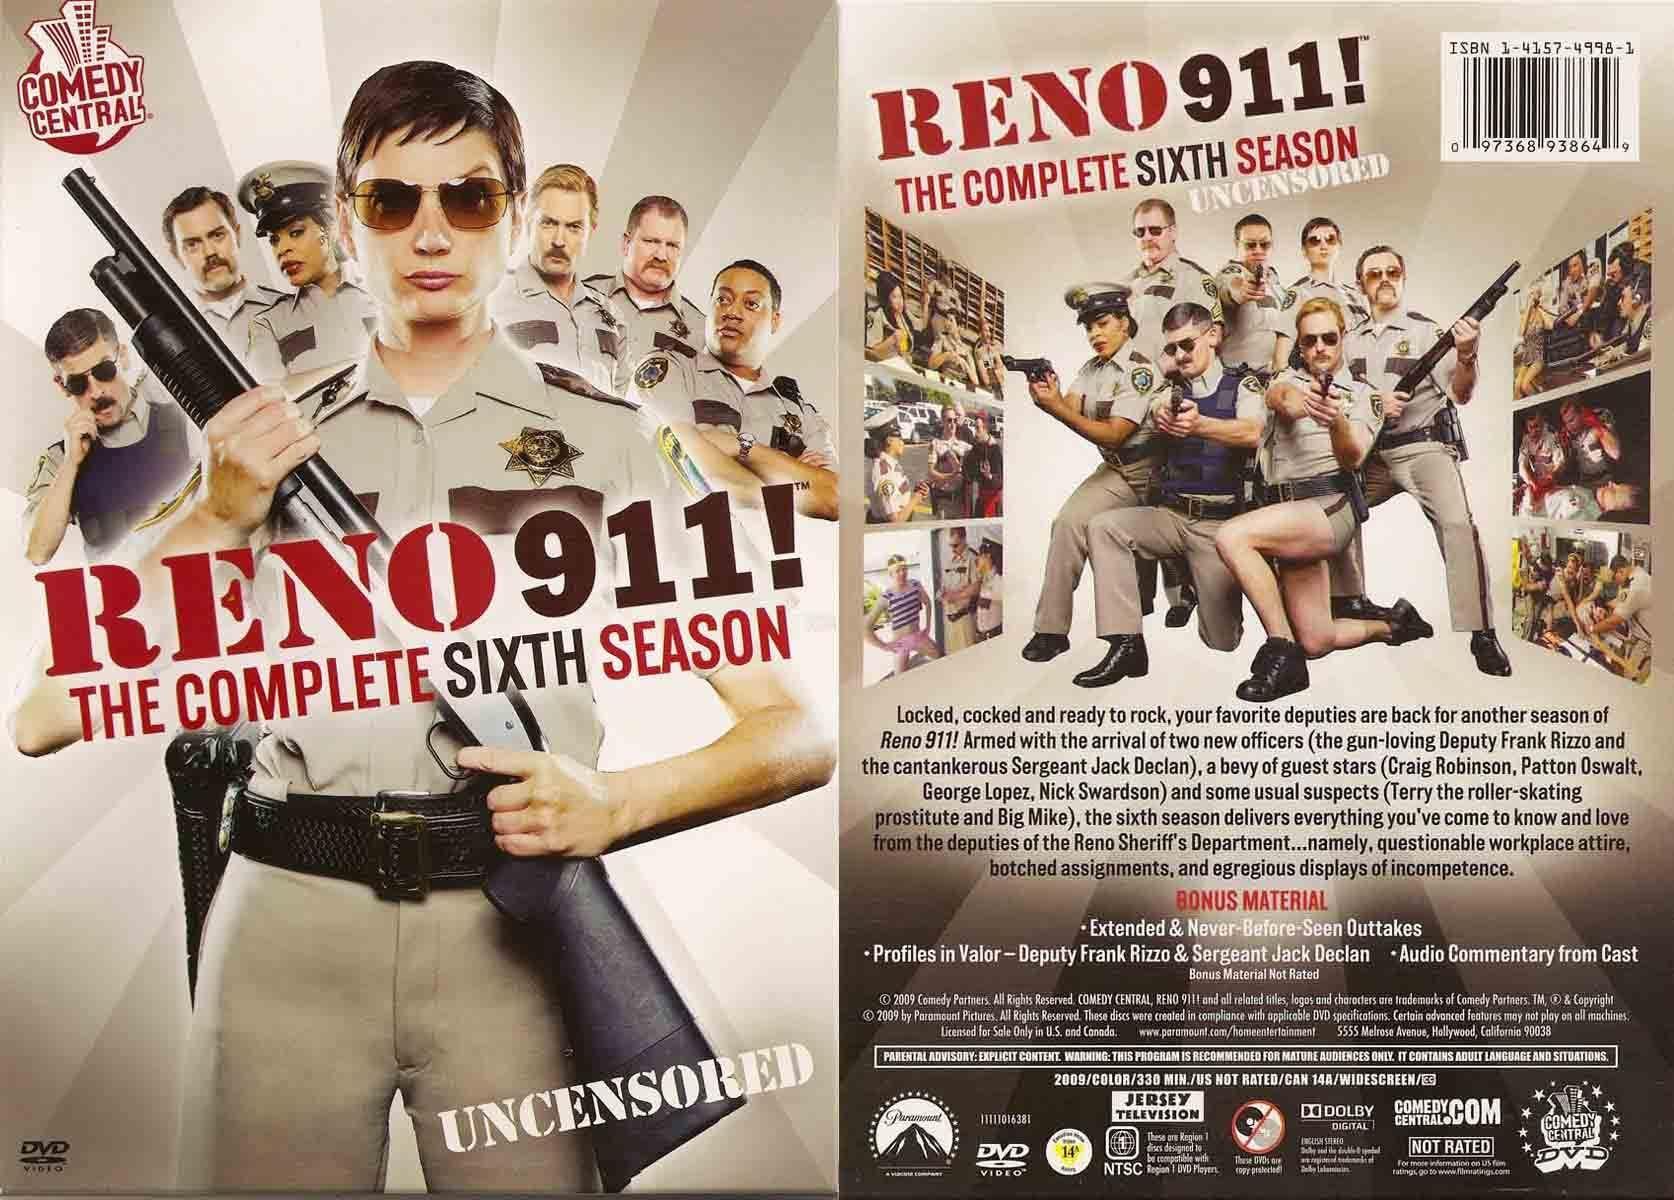 Reno 911! - Season 6 DVD